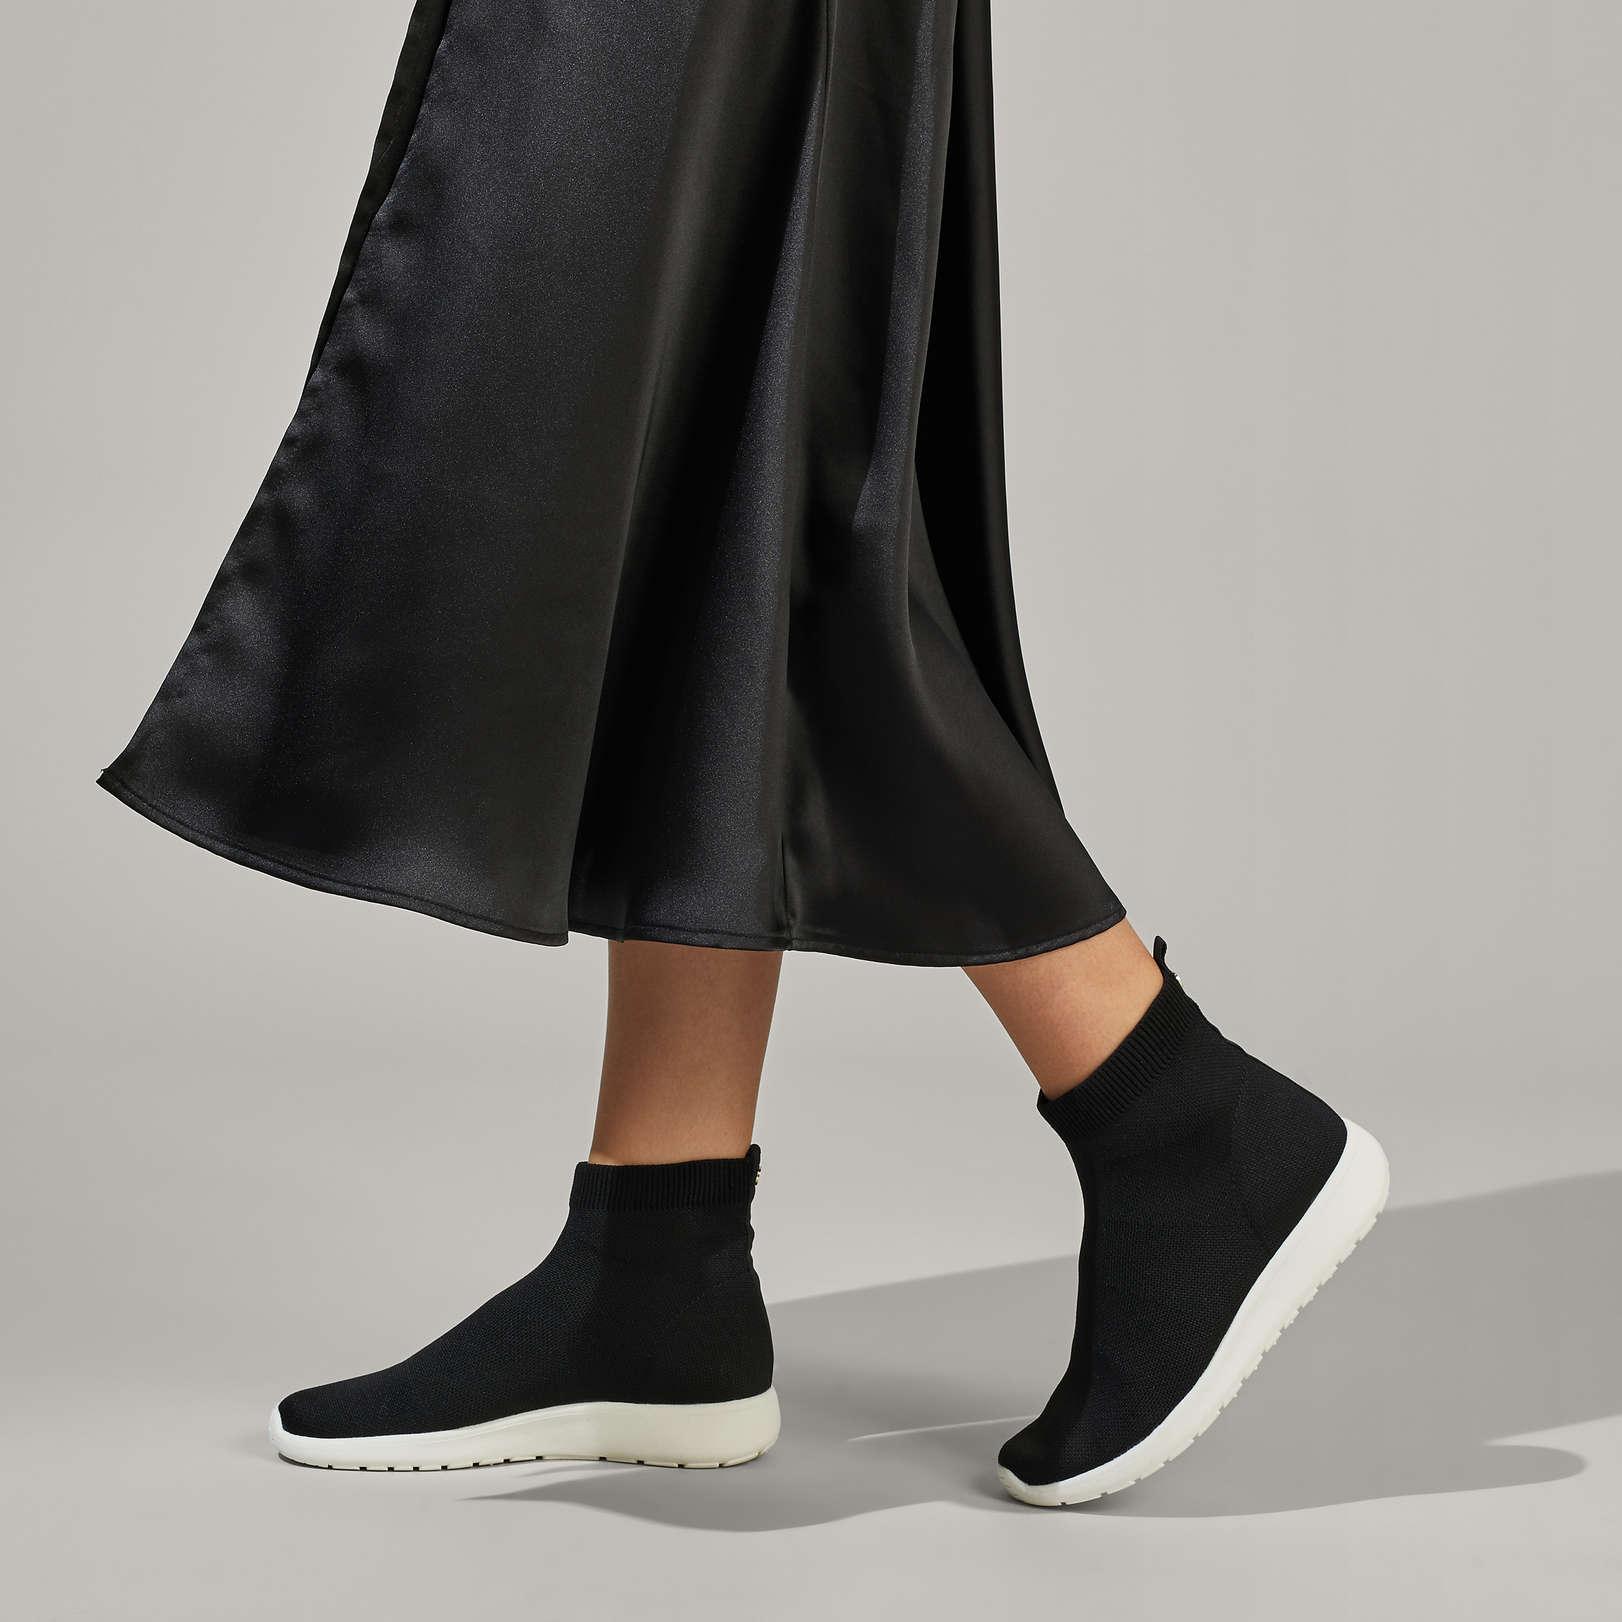 KASH - MISS KG Sneakers